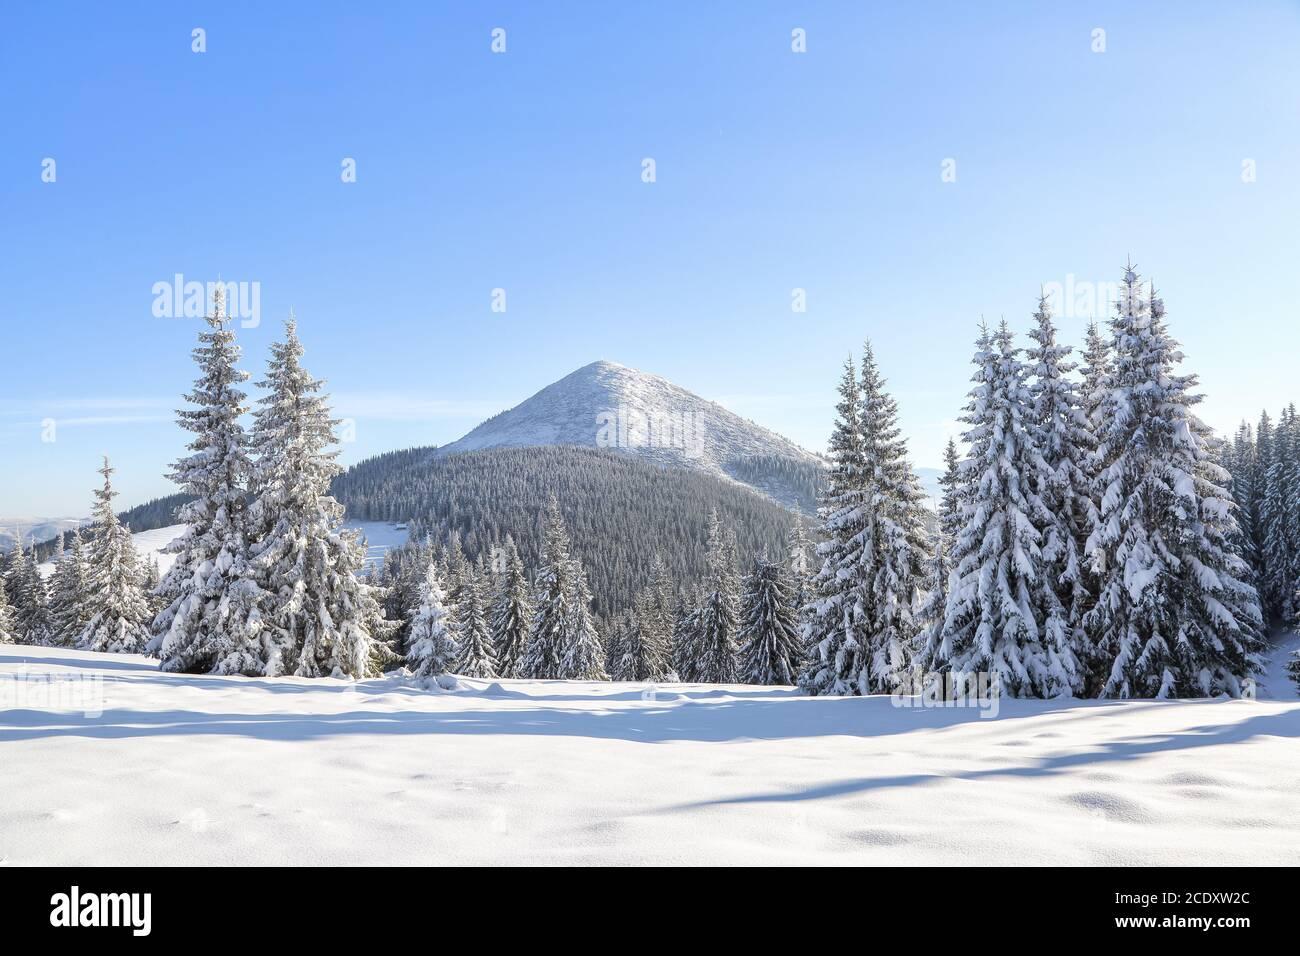 Paysage forêt d'hiver en temps froid ensoleillé. Les pins moelleux recouverts de neige blanche. Fond d'écran arrière-plan enneigé. Emplacement place Carpathian, Ukraine Banque D'Images